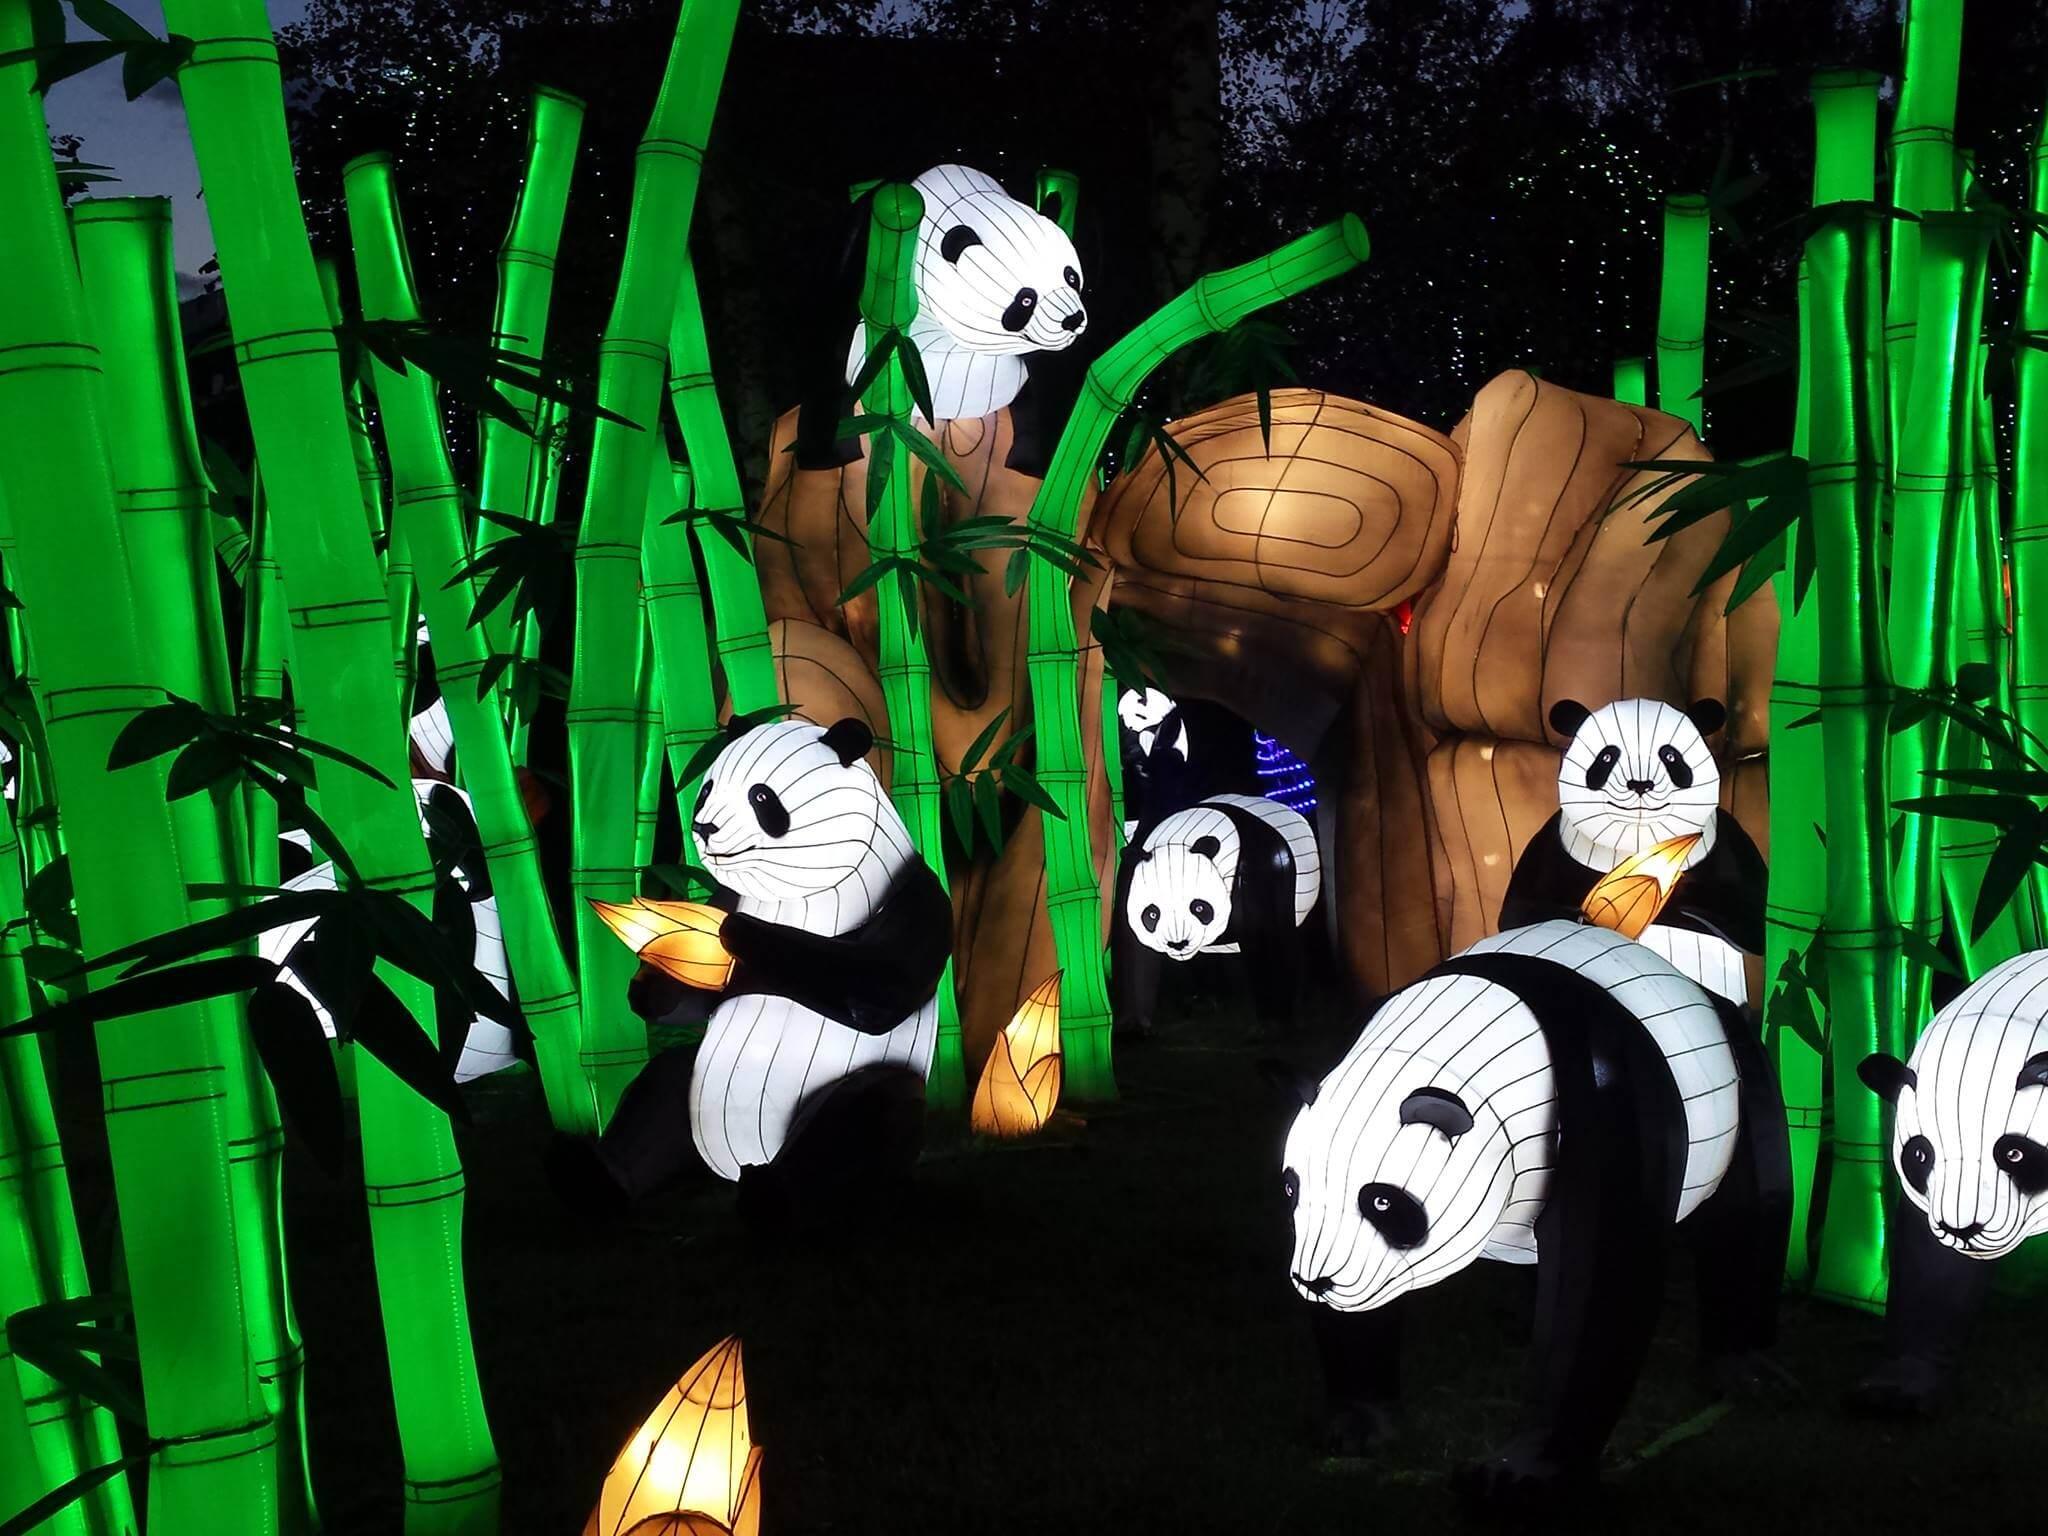 Das chinesische Laternenfest gibt dir einen wunderschönen Einblick in die chinesische Tradition!